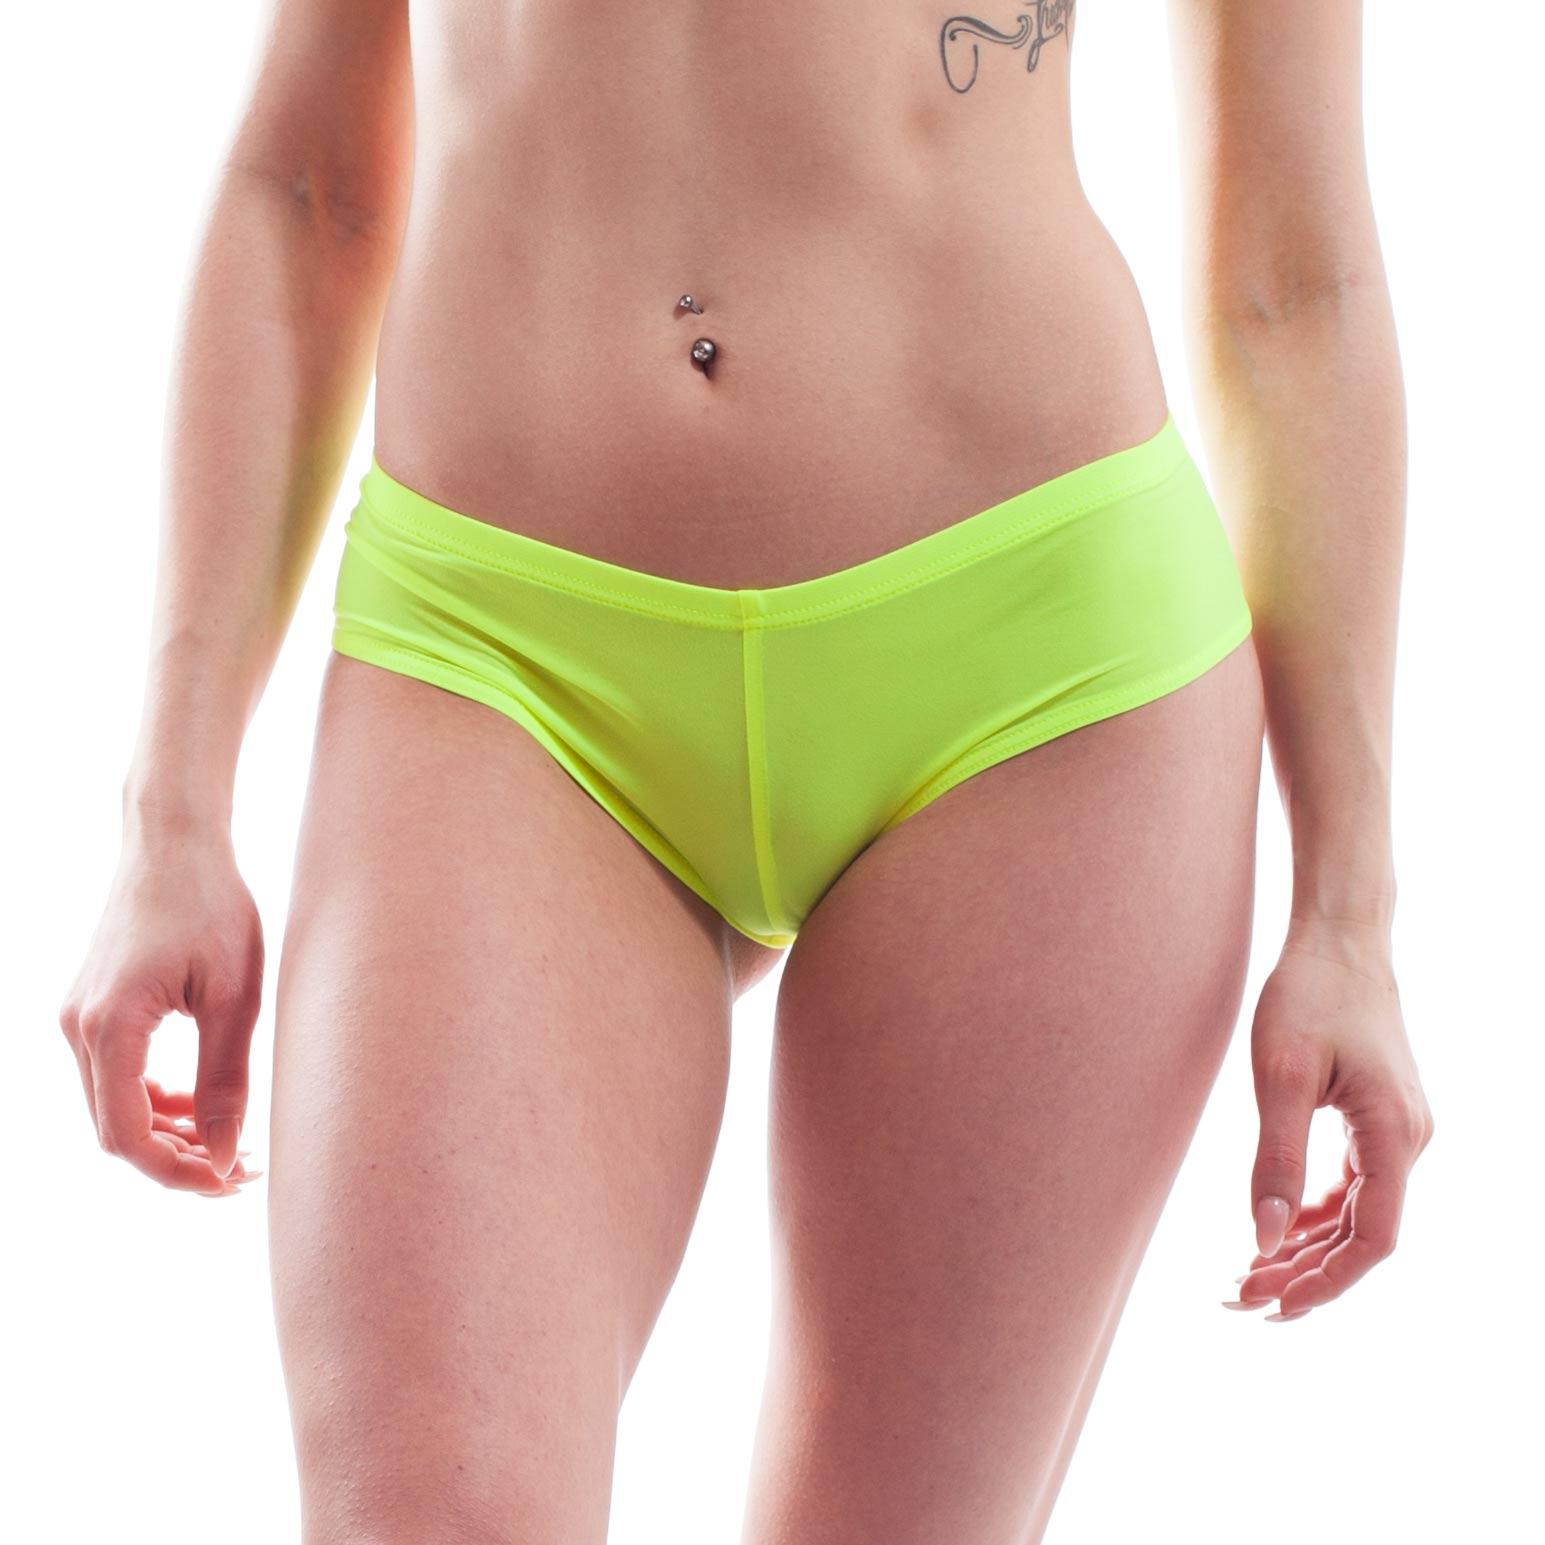 Immer vorrätig, denn die BEUN Damen Hotpants320F8Y ist Never-Out-of-Stock und gehört damit zu den Wojoer NOS-Produkten. Größen Erhältlich in den Größen S, M, L, XL Materialzusammensetzung BEUN: 82% Polyamid, 18% Elasthan Besonderheiten NOS Produkt | badetauglich | seidenmatte Oberflächenoptik | leicht transparent | luftig | schnell…